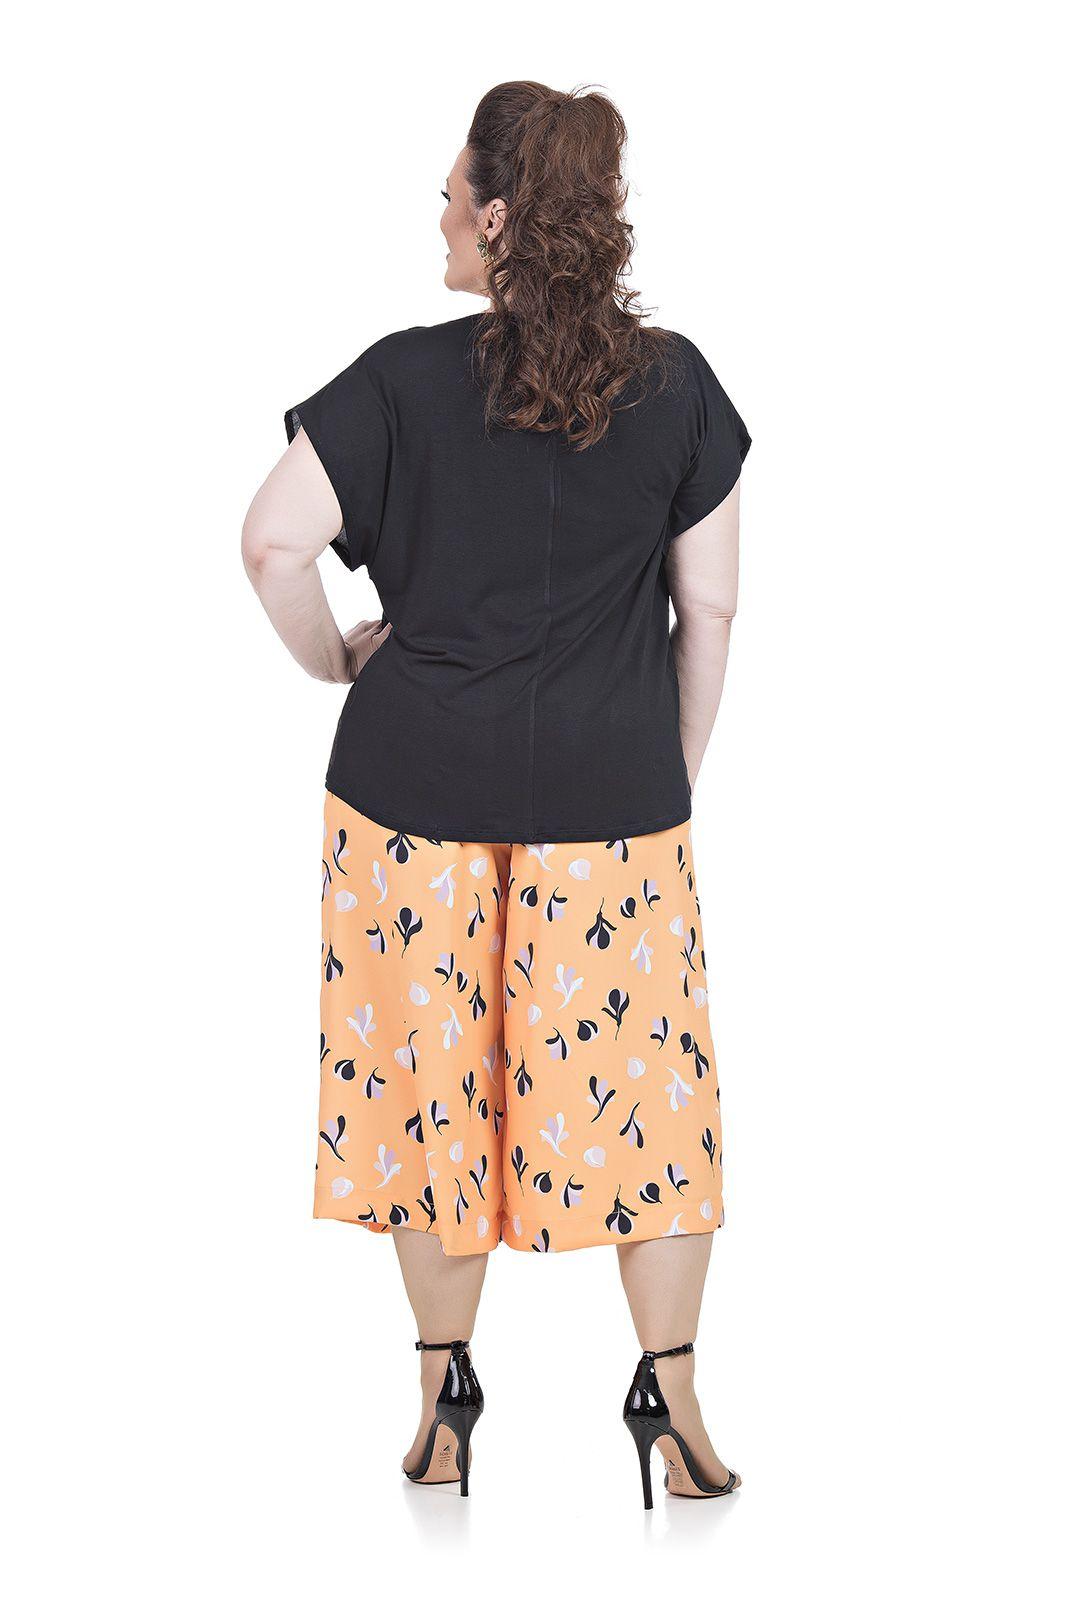 Pantacour Plus Size